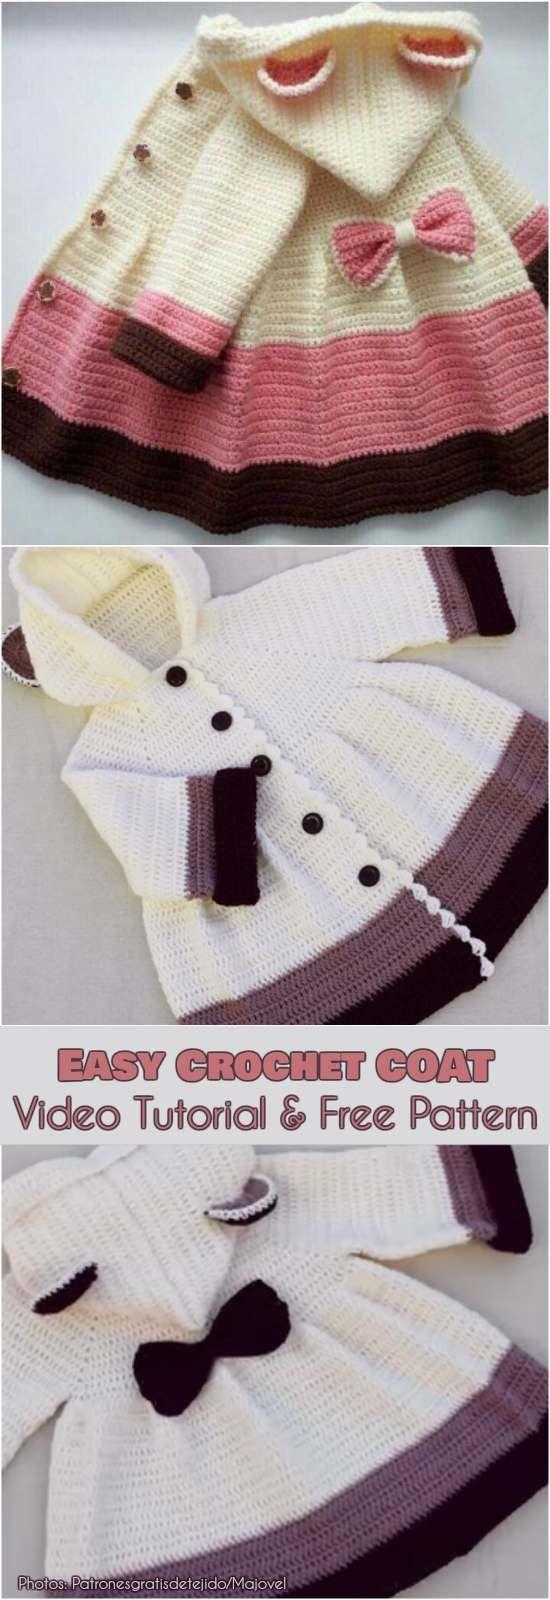 Easy Crochet Coat Video Tutorial und kostenlose Anleitung #easy #hakeln #coat